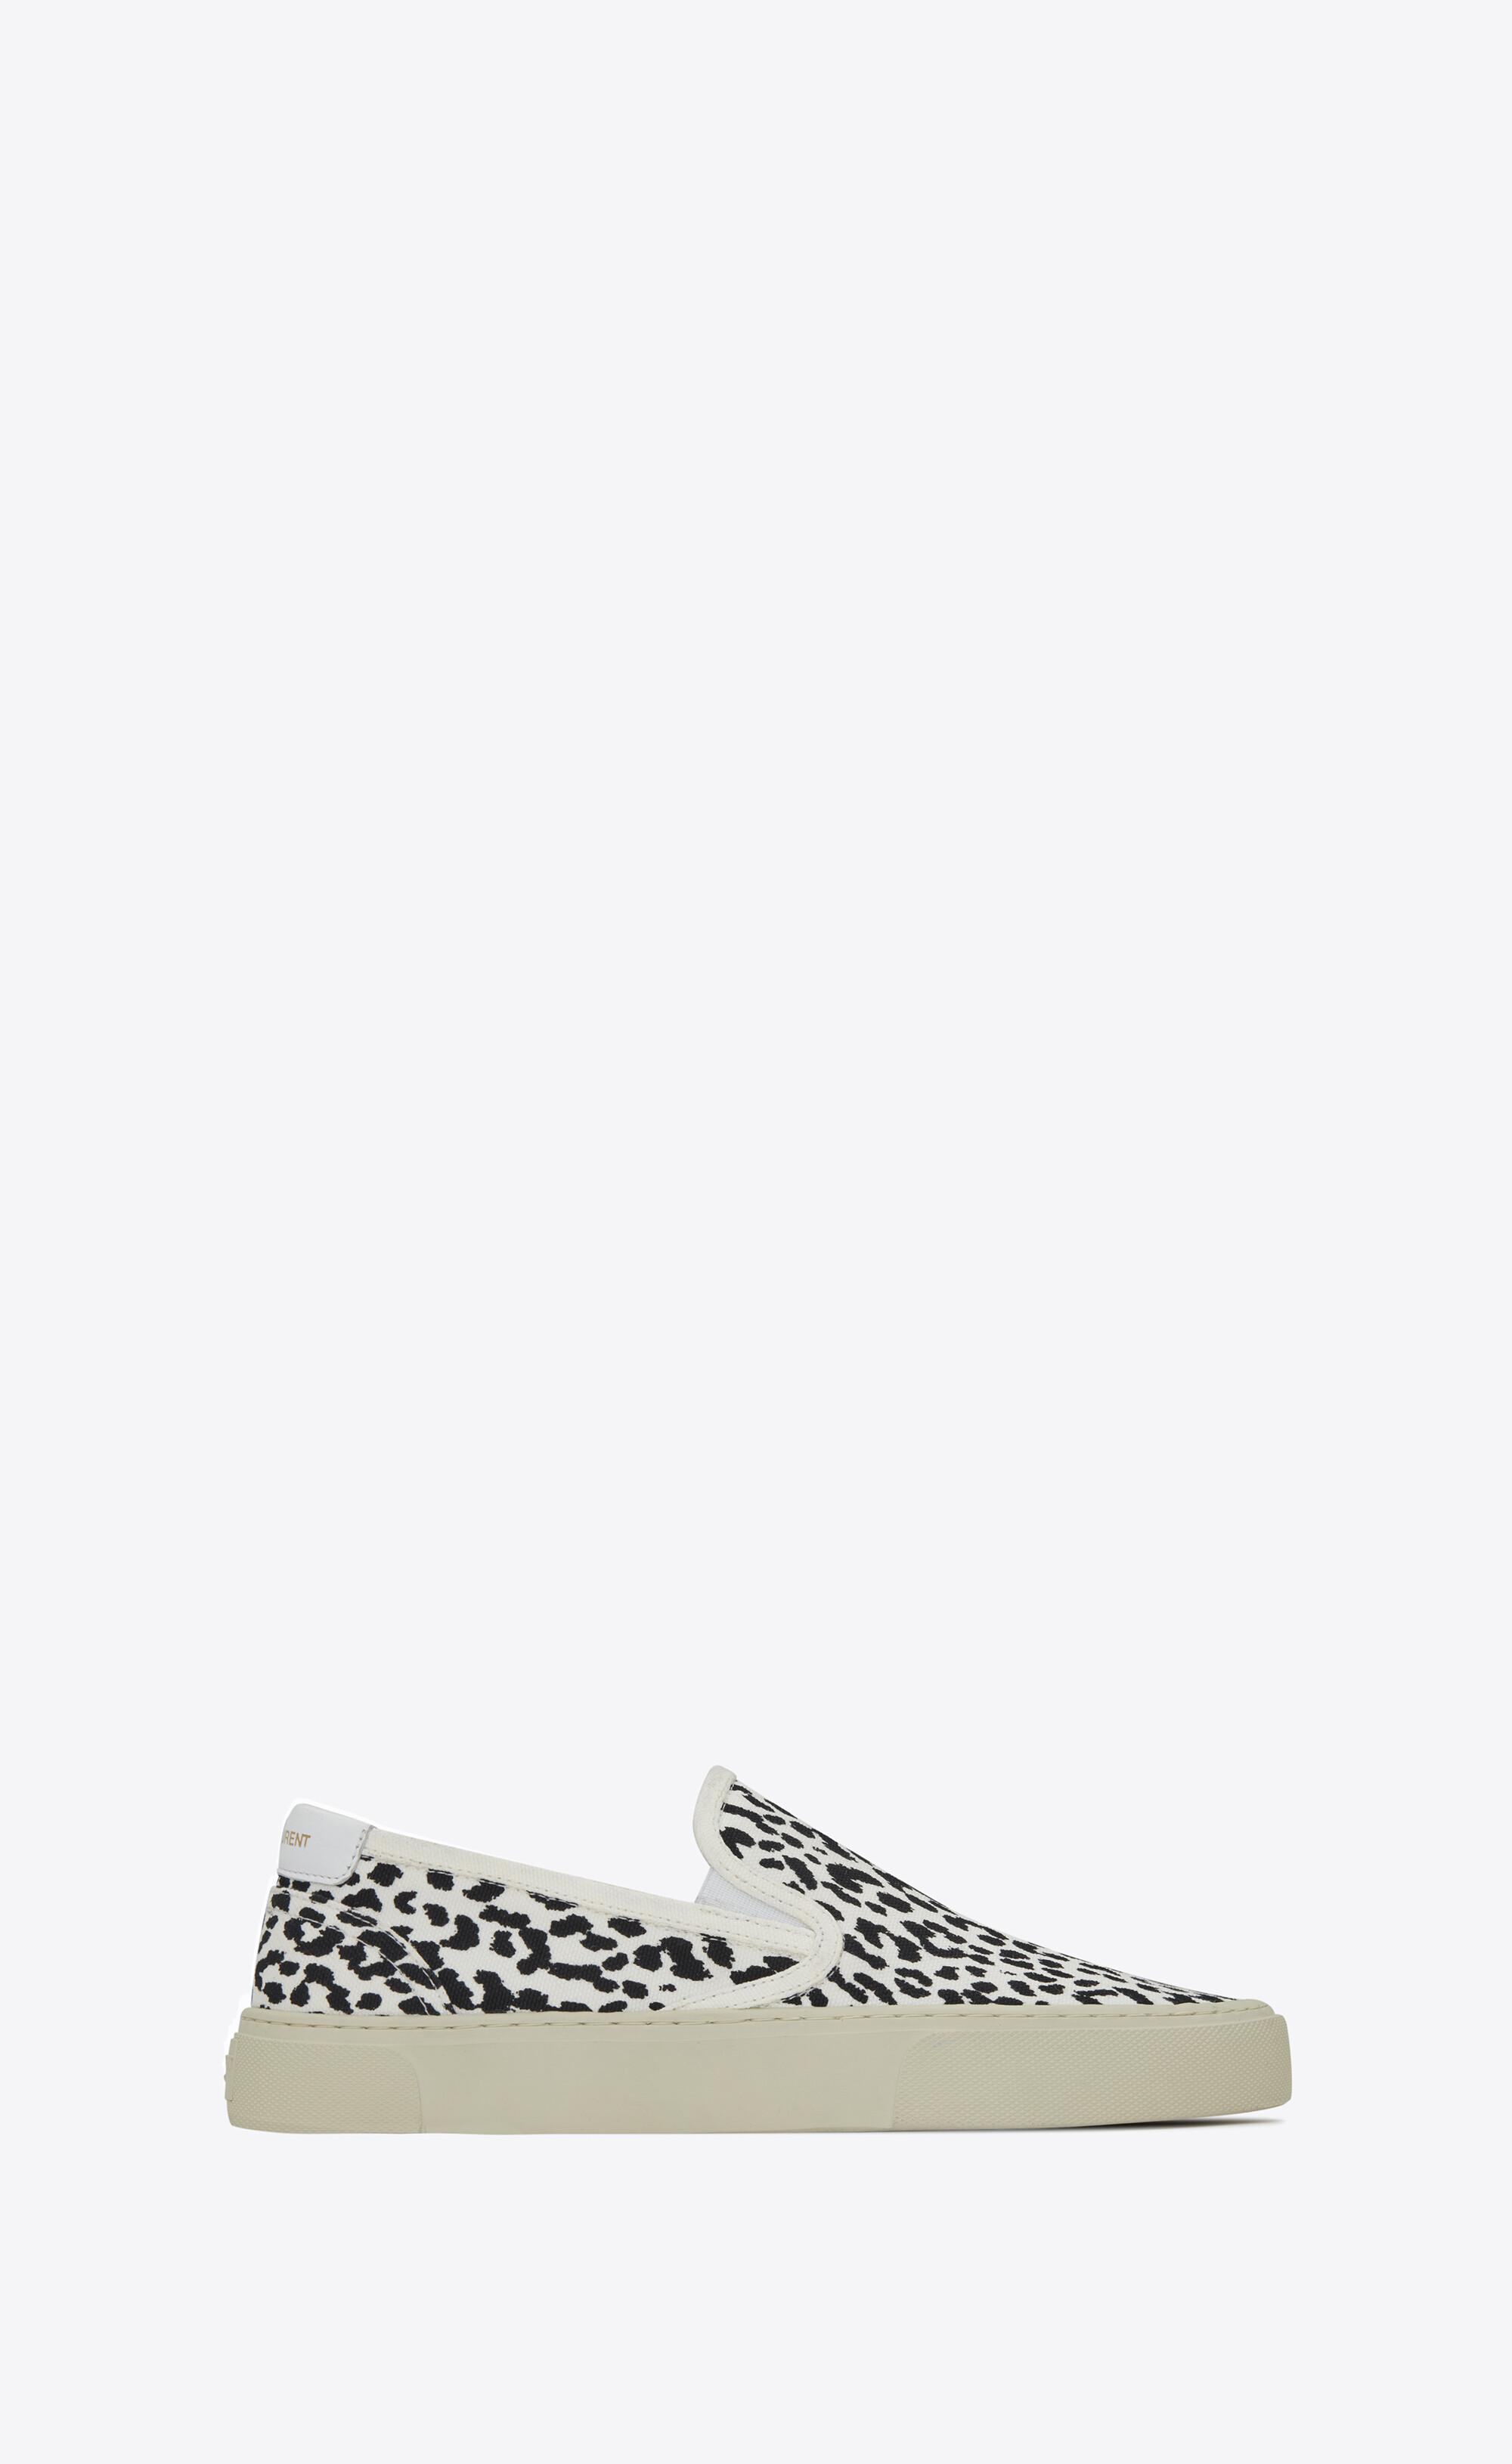 VENICE slip-on sneakers in babycat